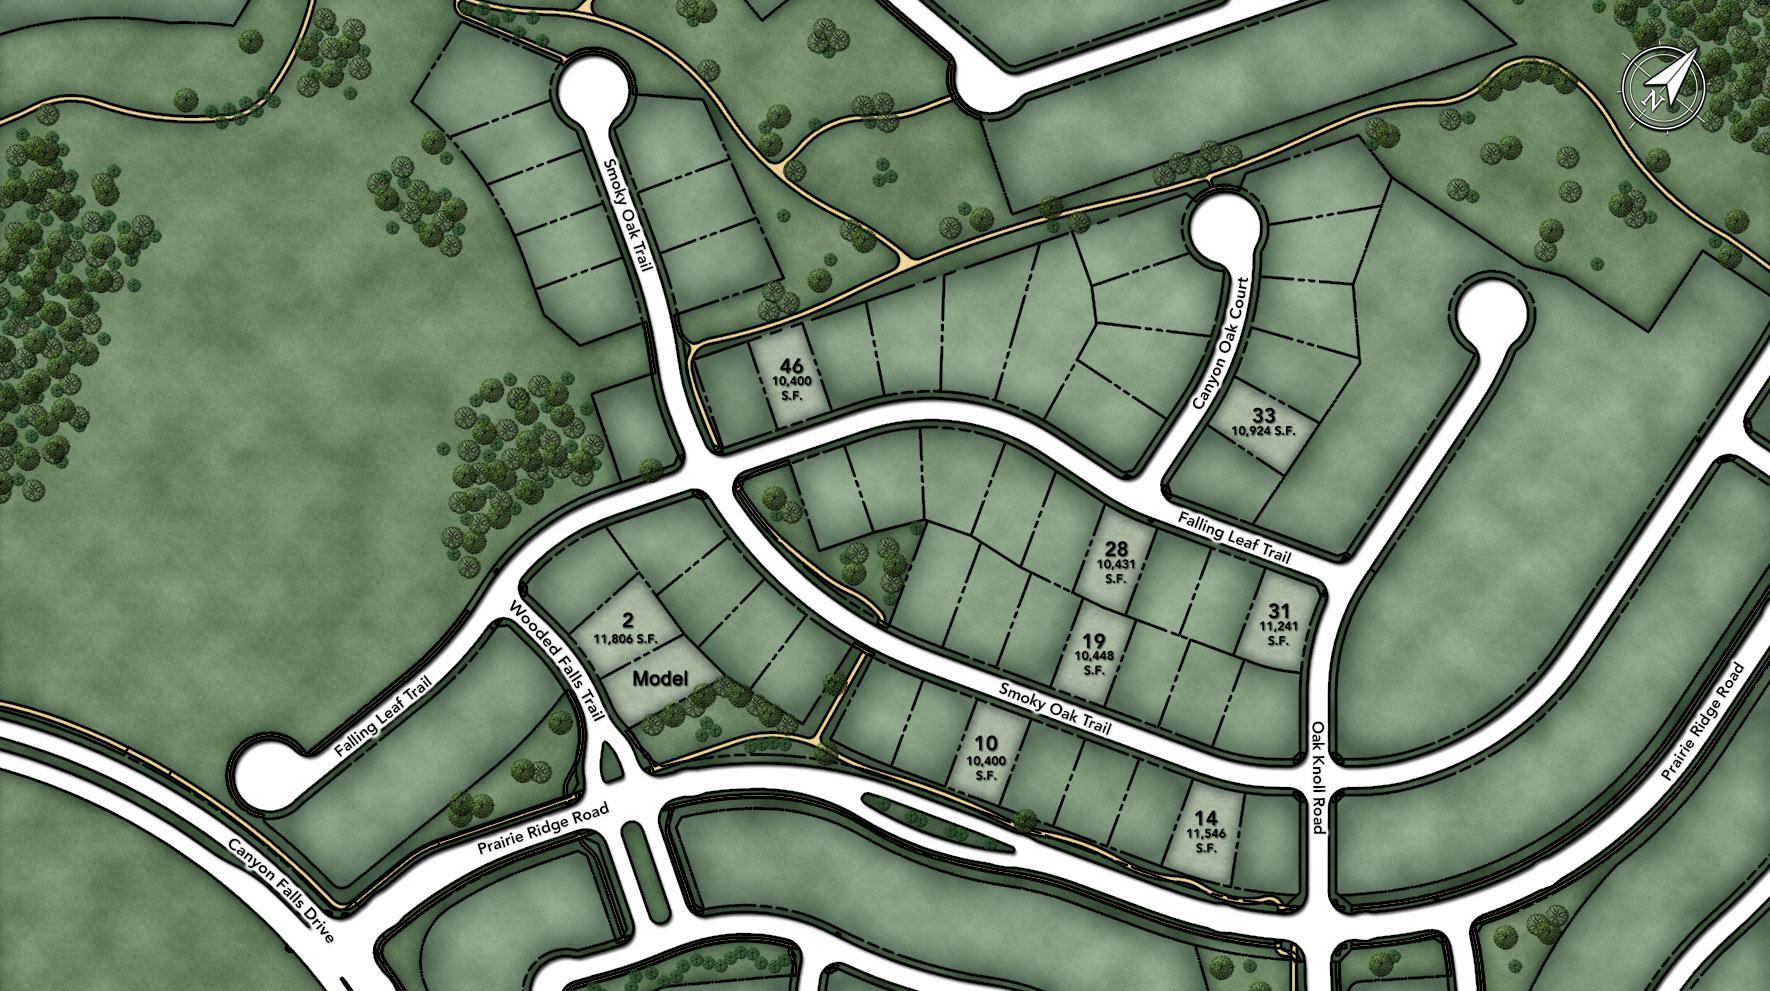 Canyon Falls Site Plan